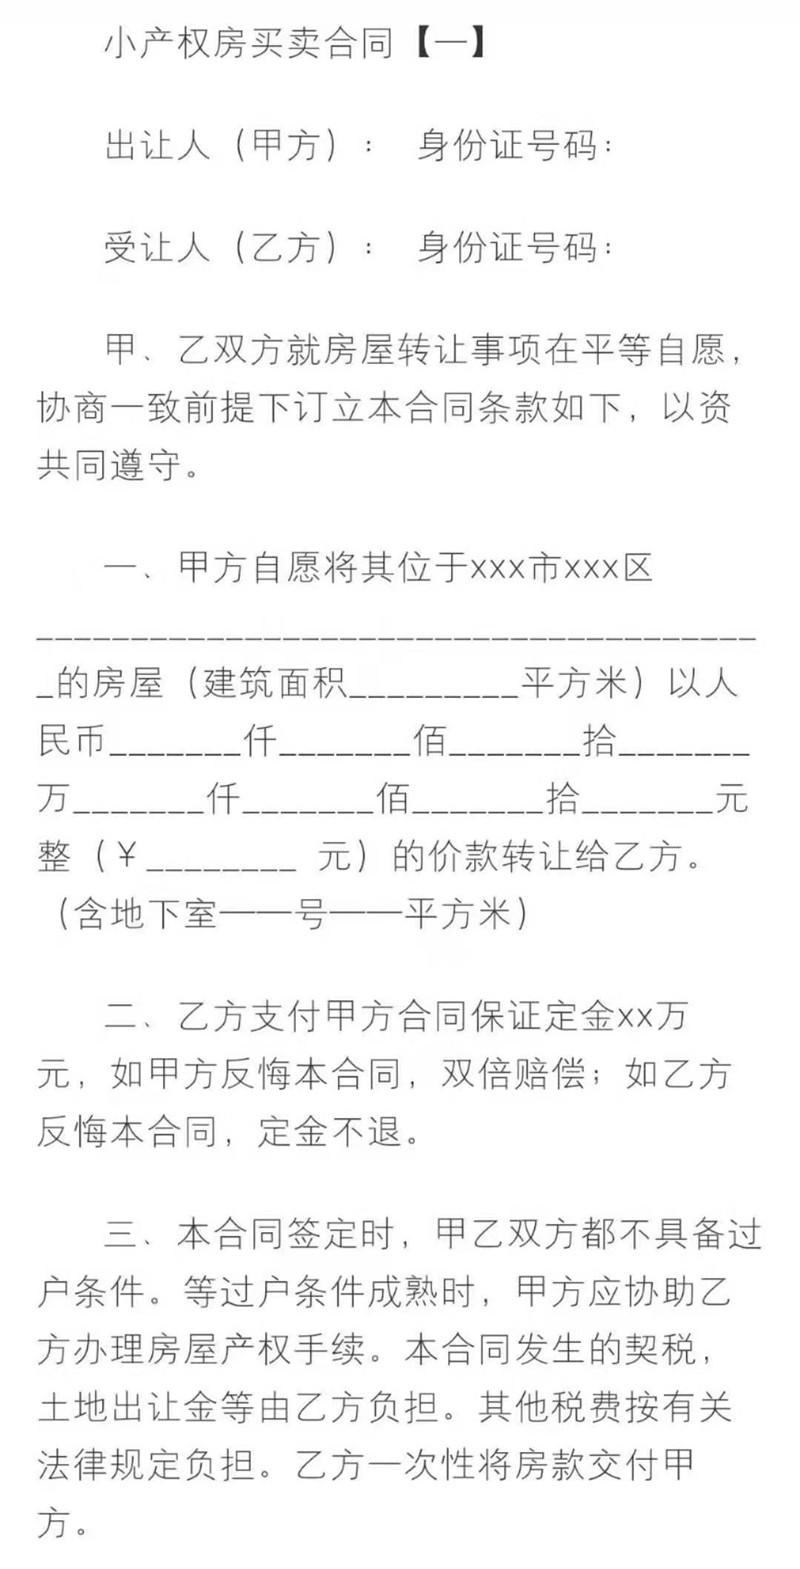 深圳小产权房合同模板,东莞合作建房协议模板